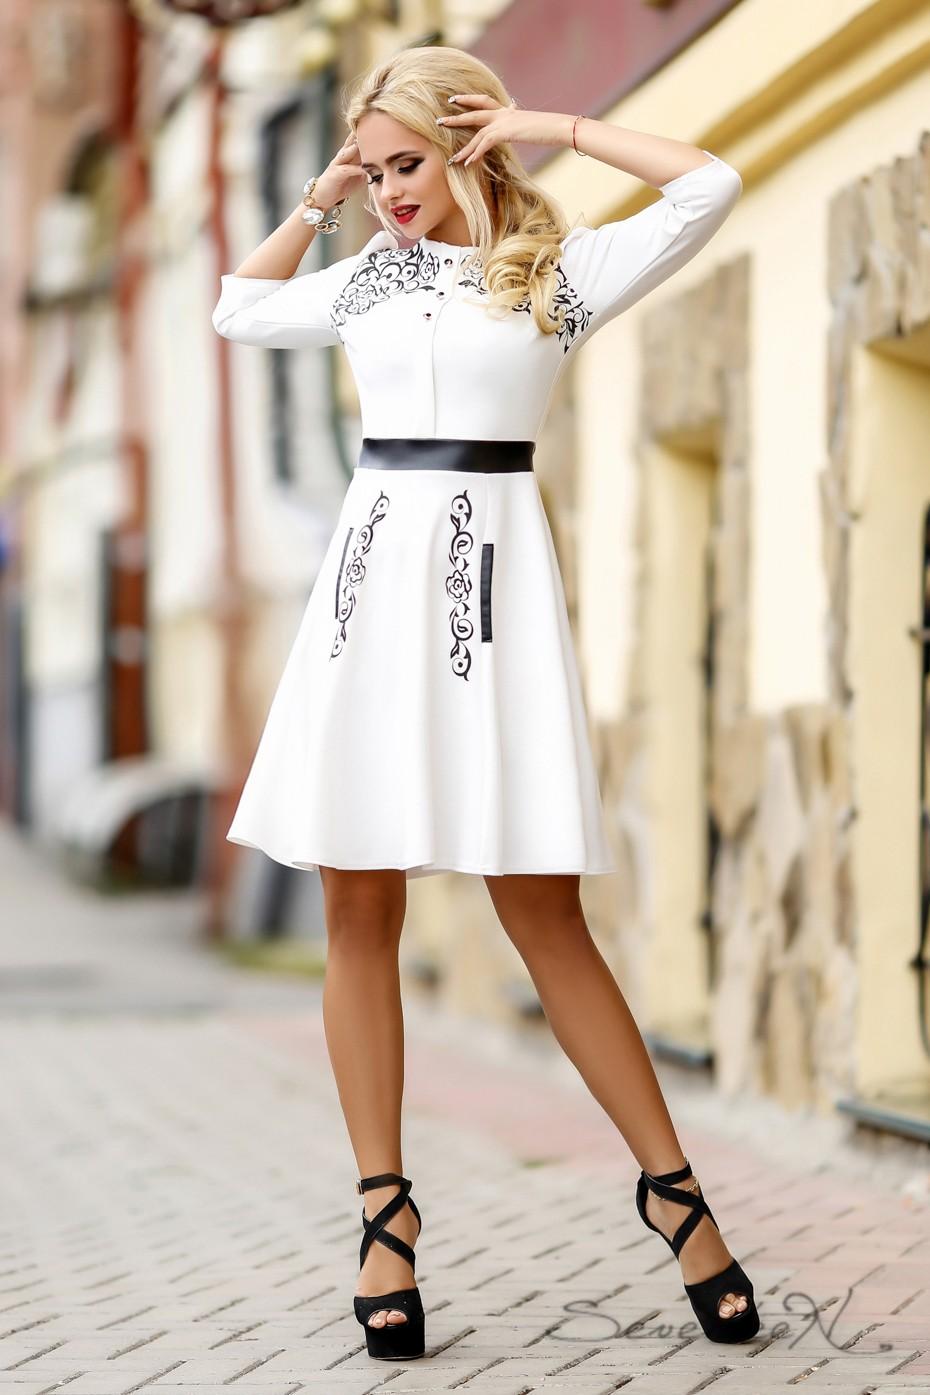 Сбор заказов. In modo - это модная женская одежда. Отличное качество, доступная цена! Новинки! Скидки! Выкуп 3